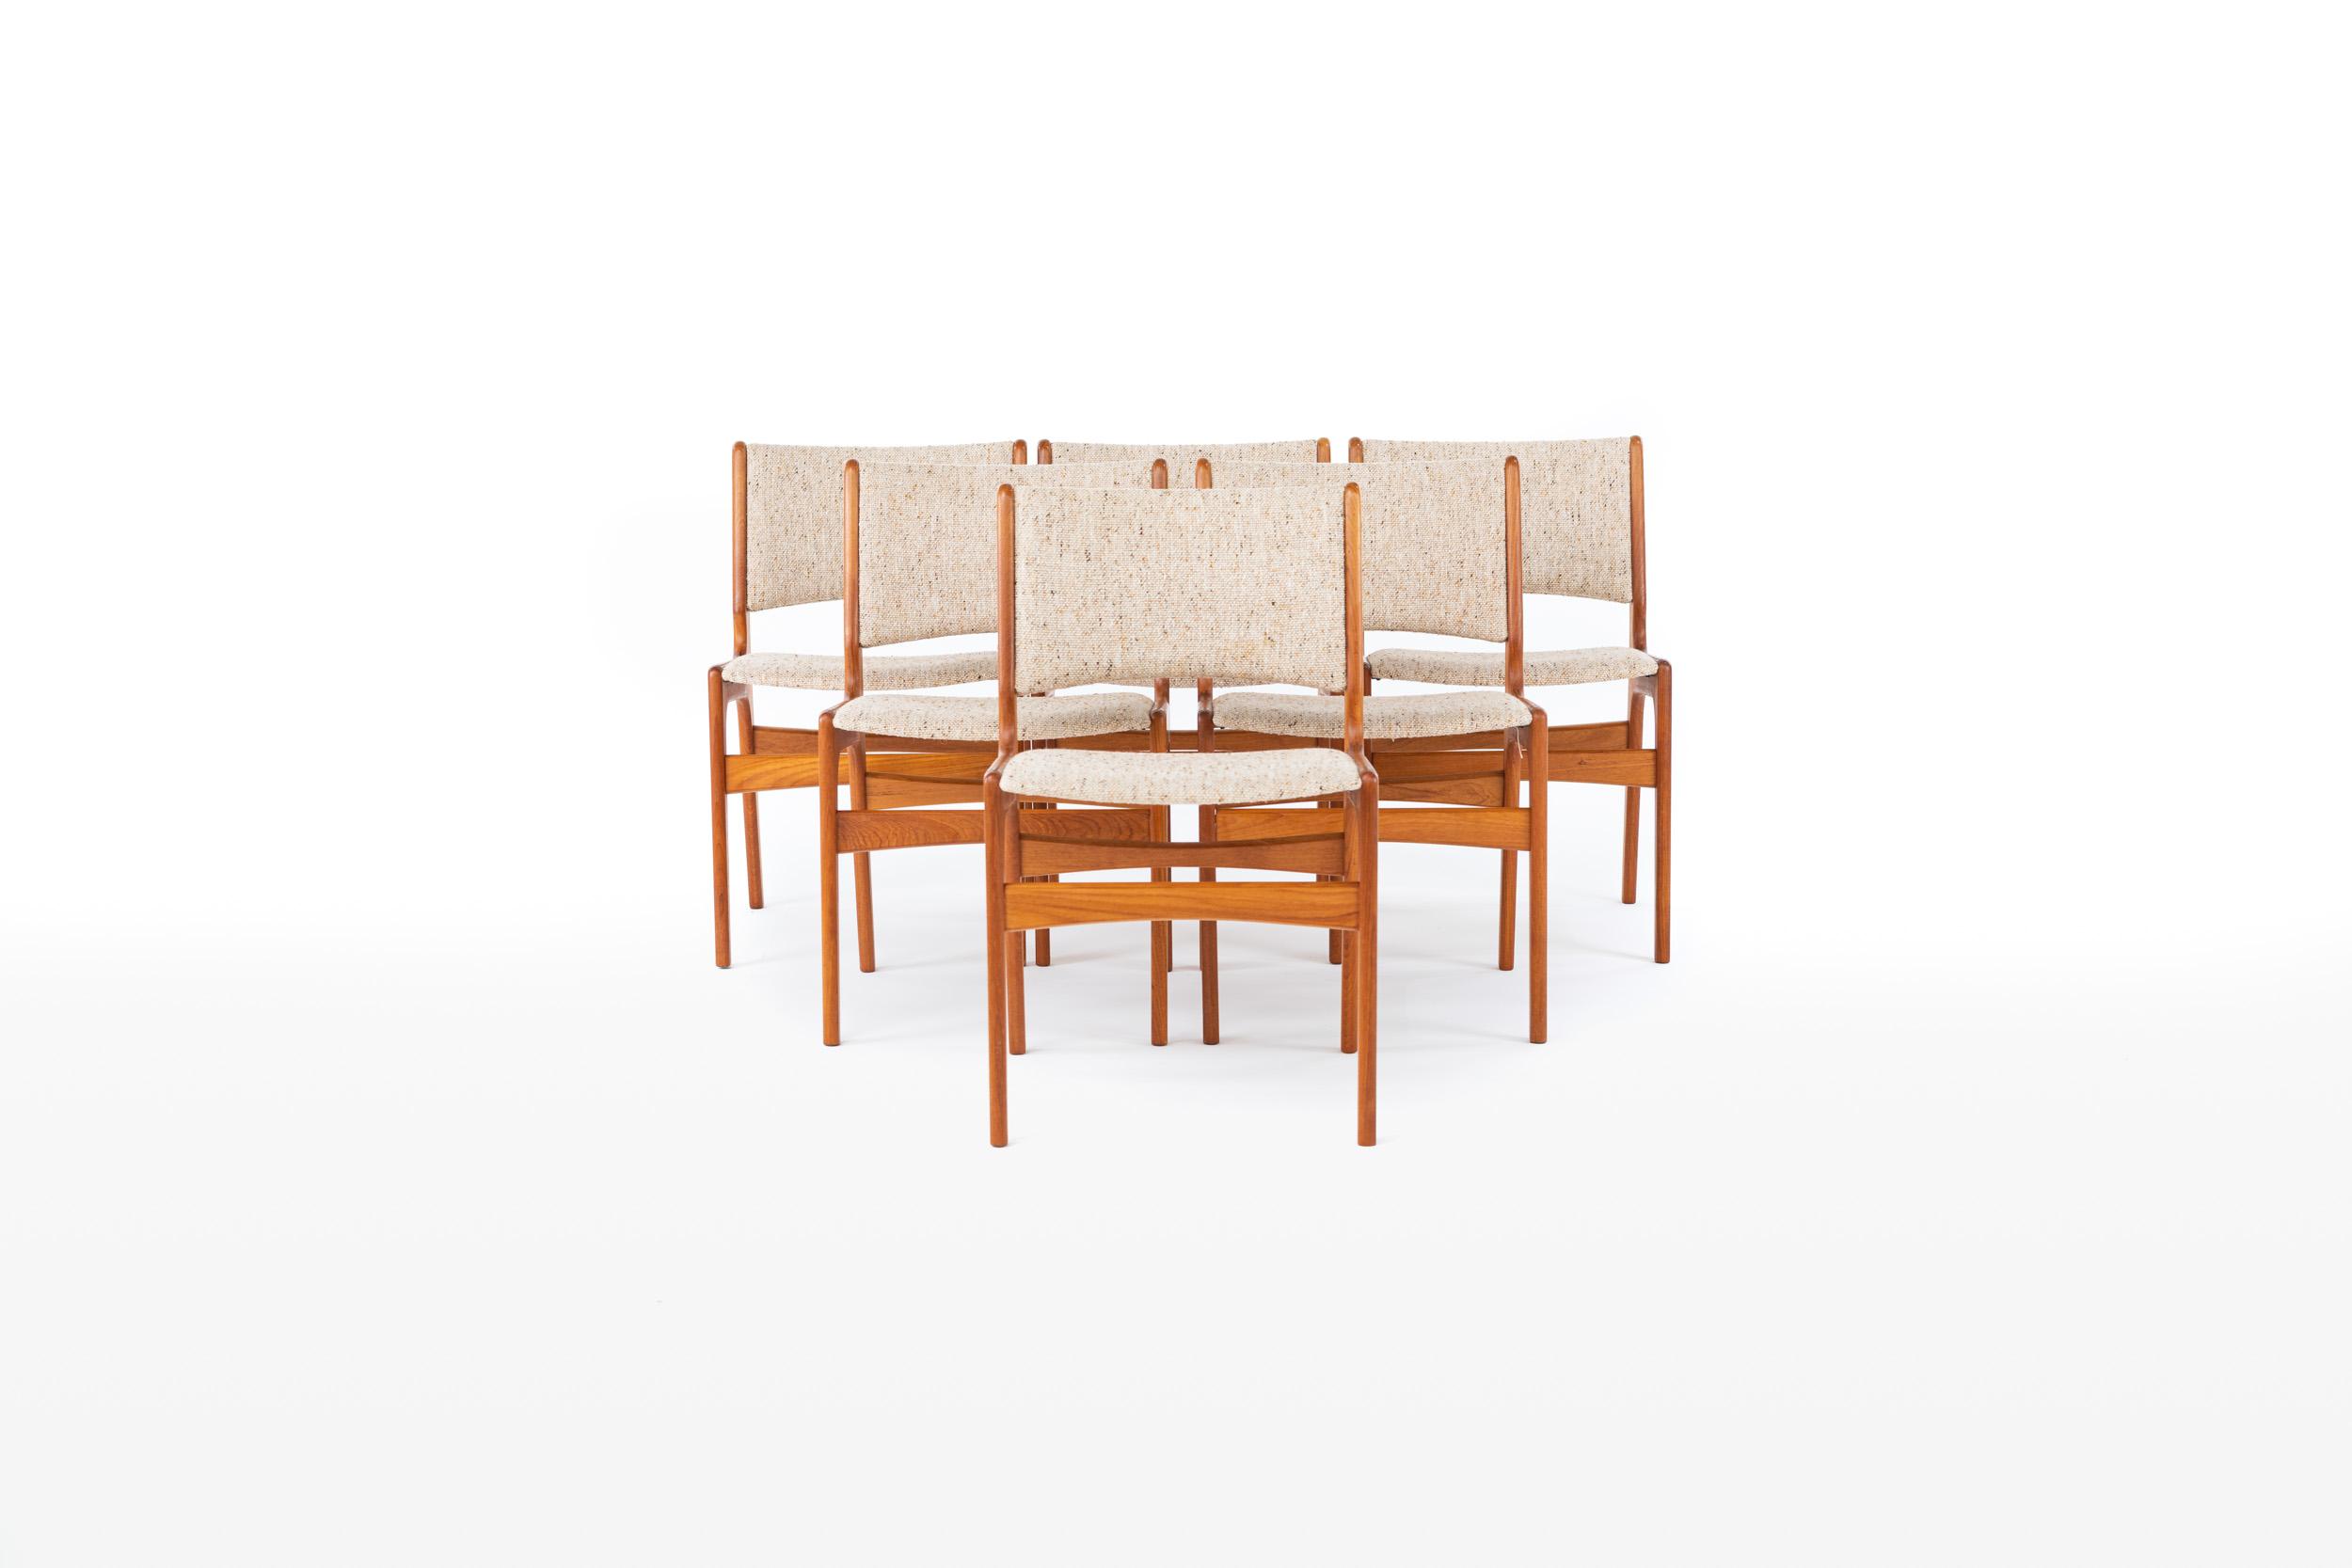 Productfotografie Danisch chairs